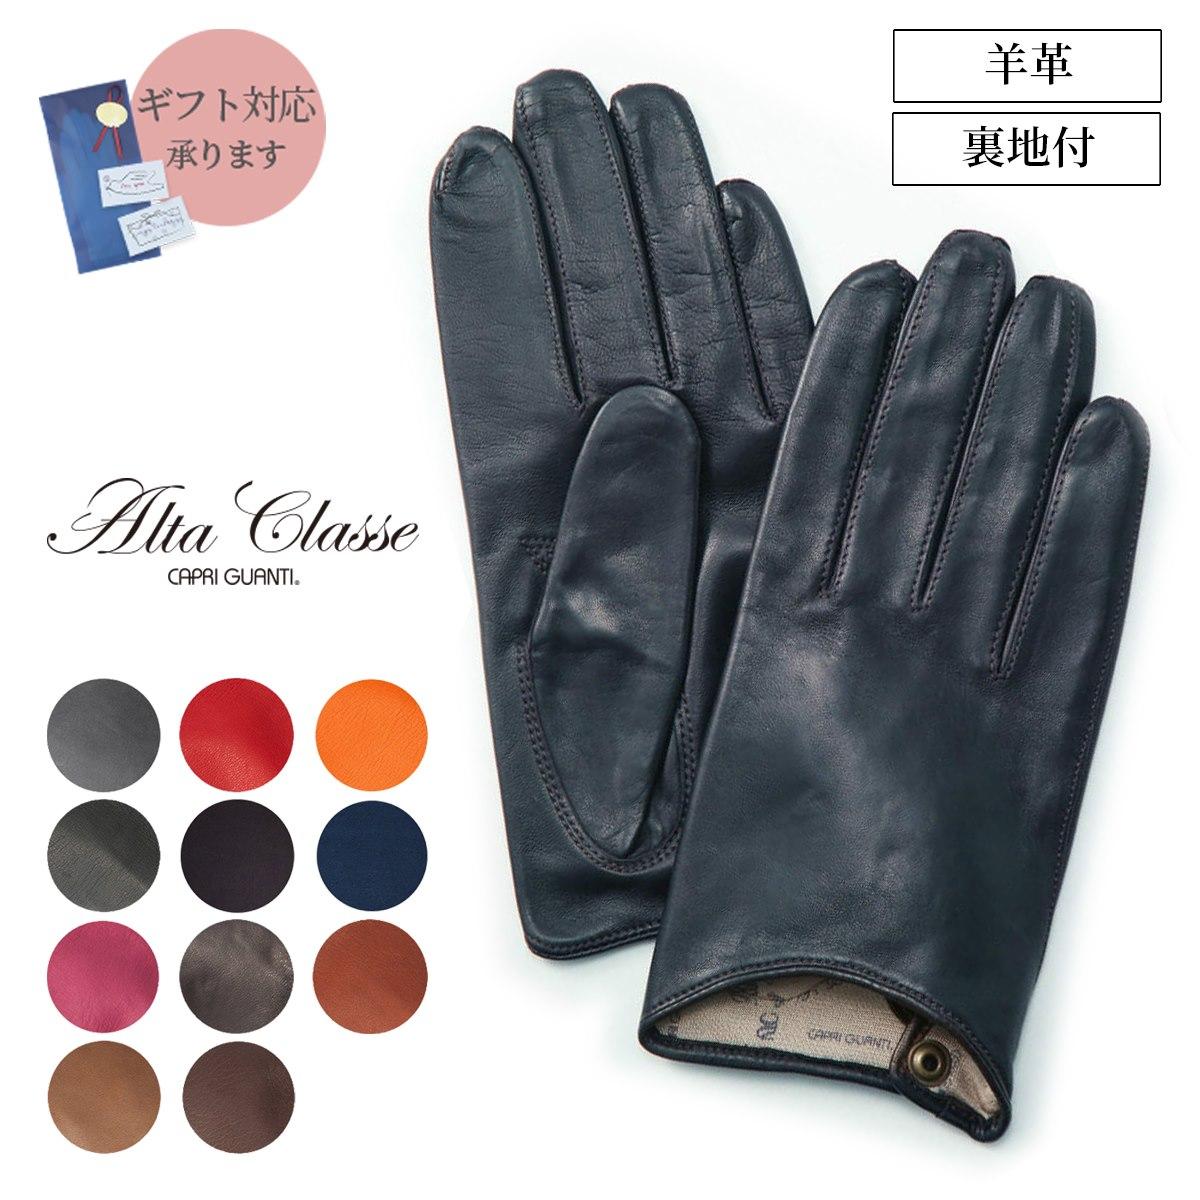 アルタクラッセ カプリガンティ裏地シルク100%メンズ革手袋ブルー